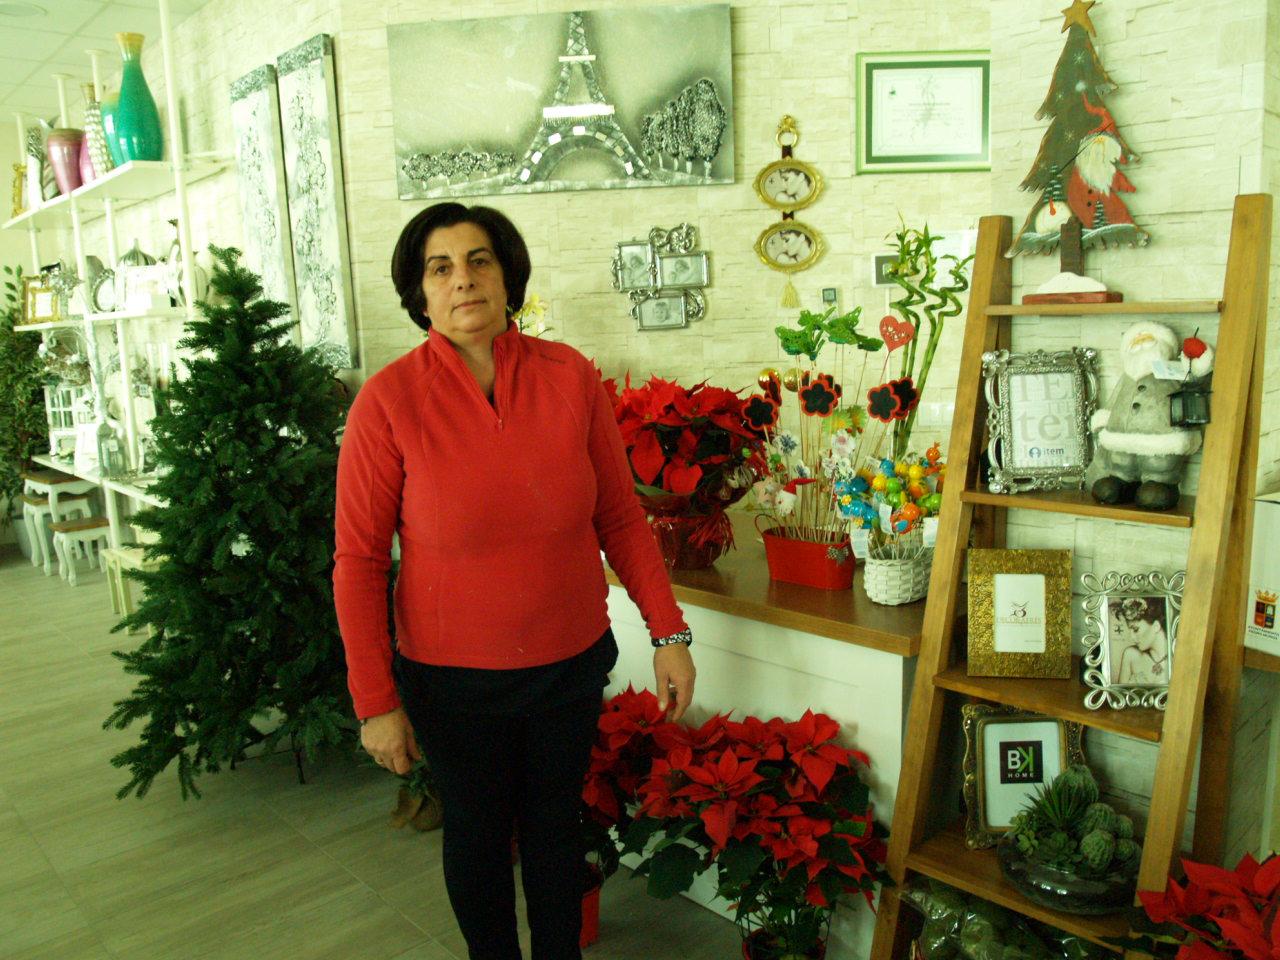 Floristería Julia estrena local en Pedro Muñoz